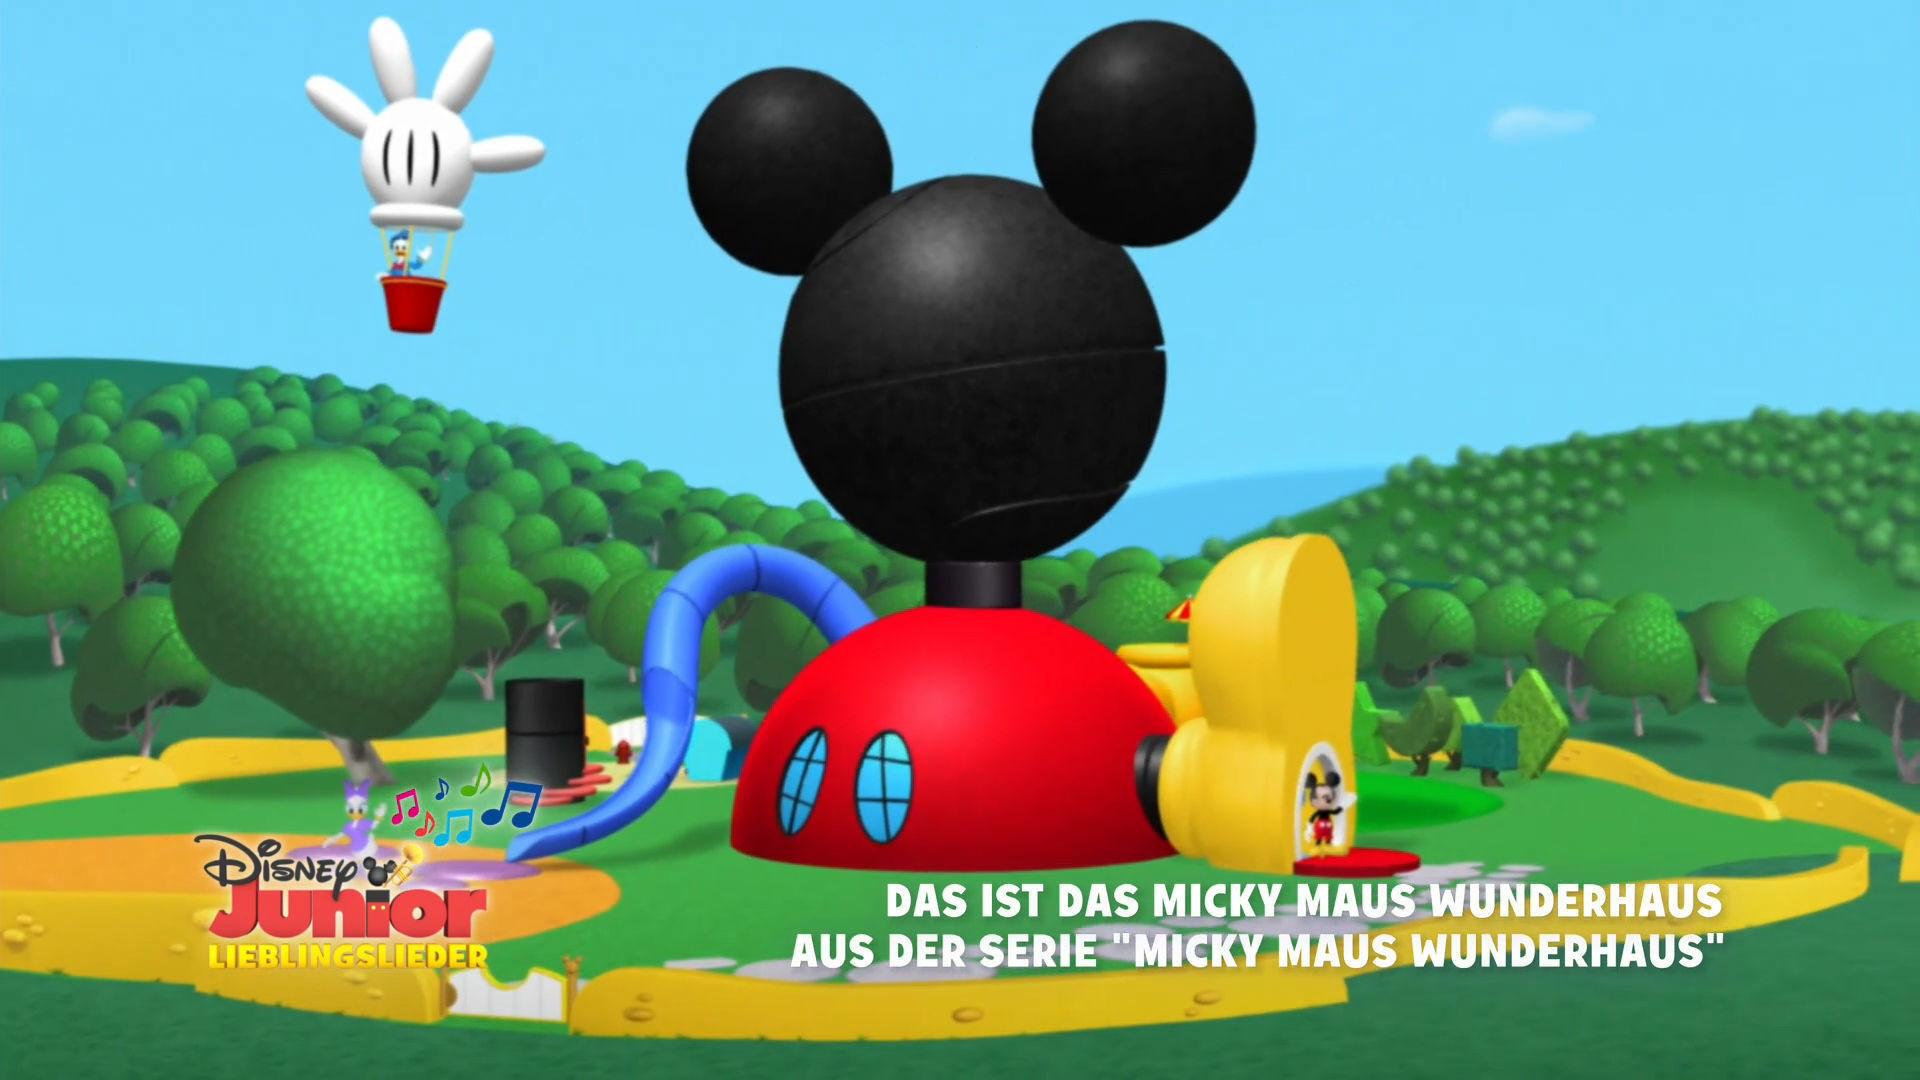 Micky Maus Wunderhaus Ausmalbilder Genial Malvorlagen Micky Maus Wunderhaus Schön Malvorlagen Mickey Mouse Stock